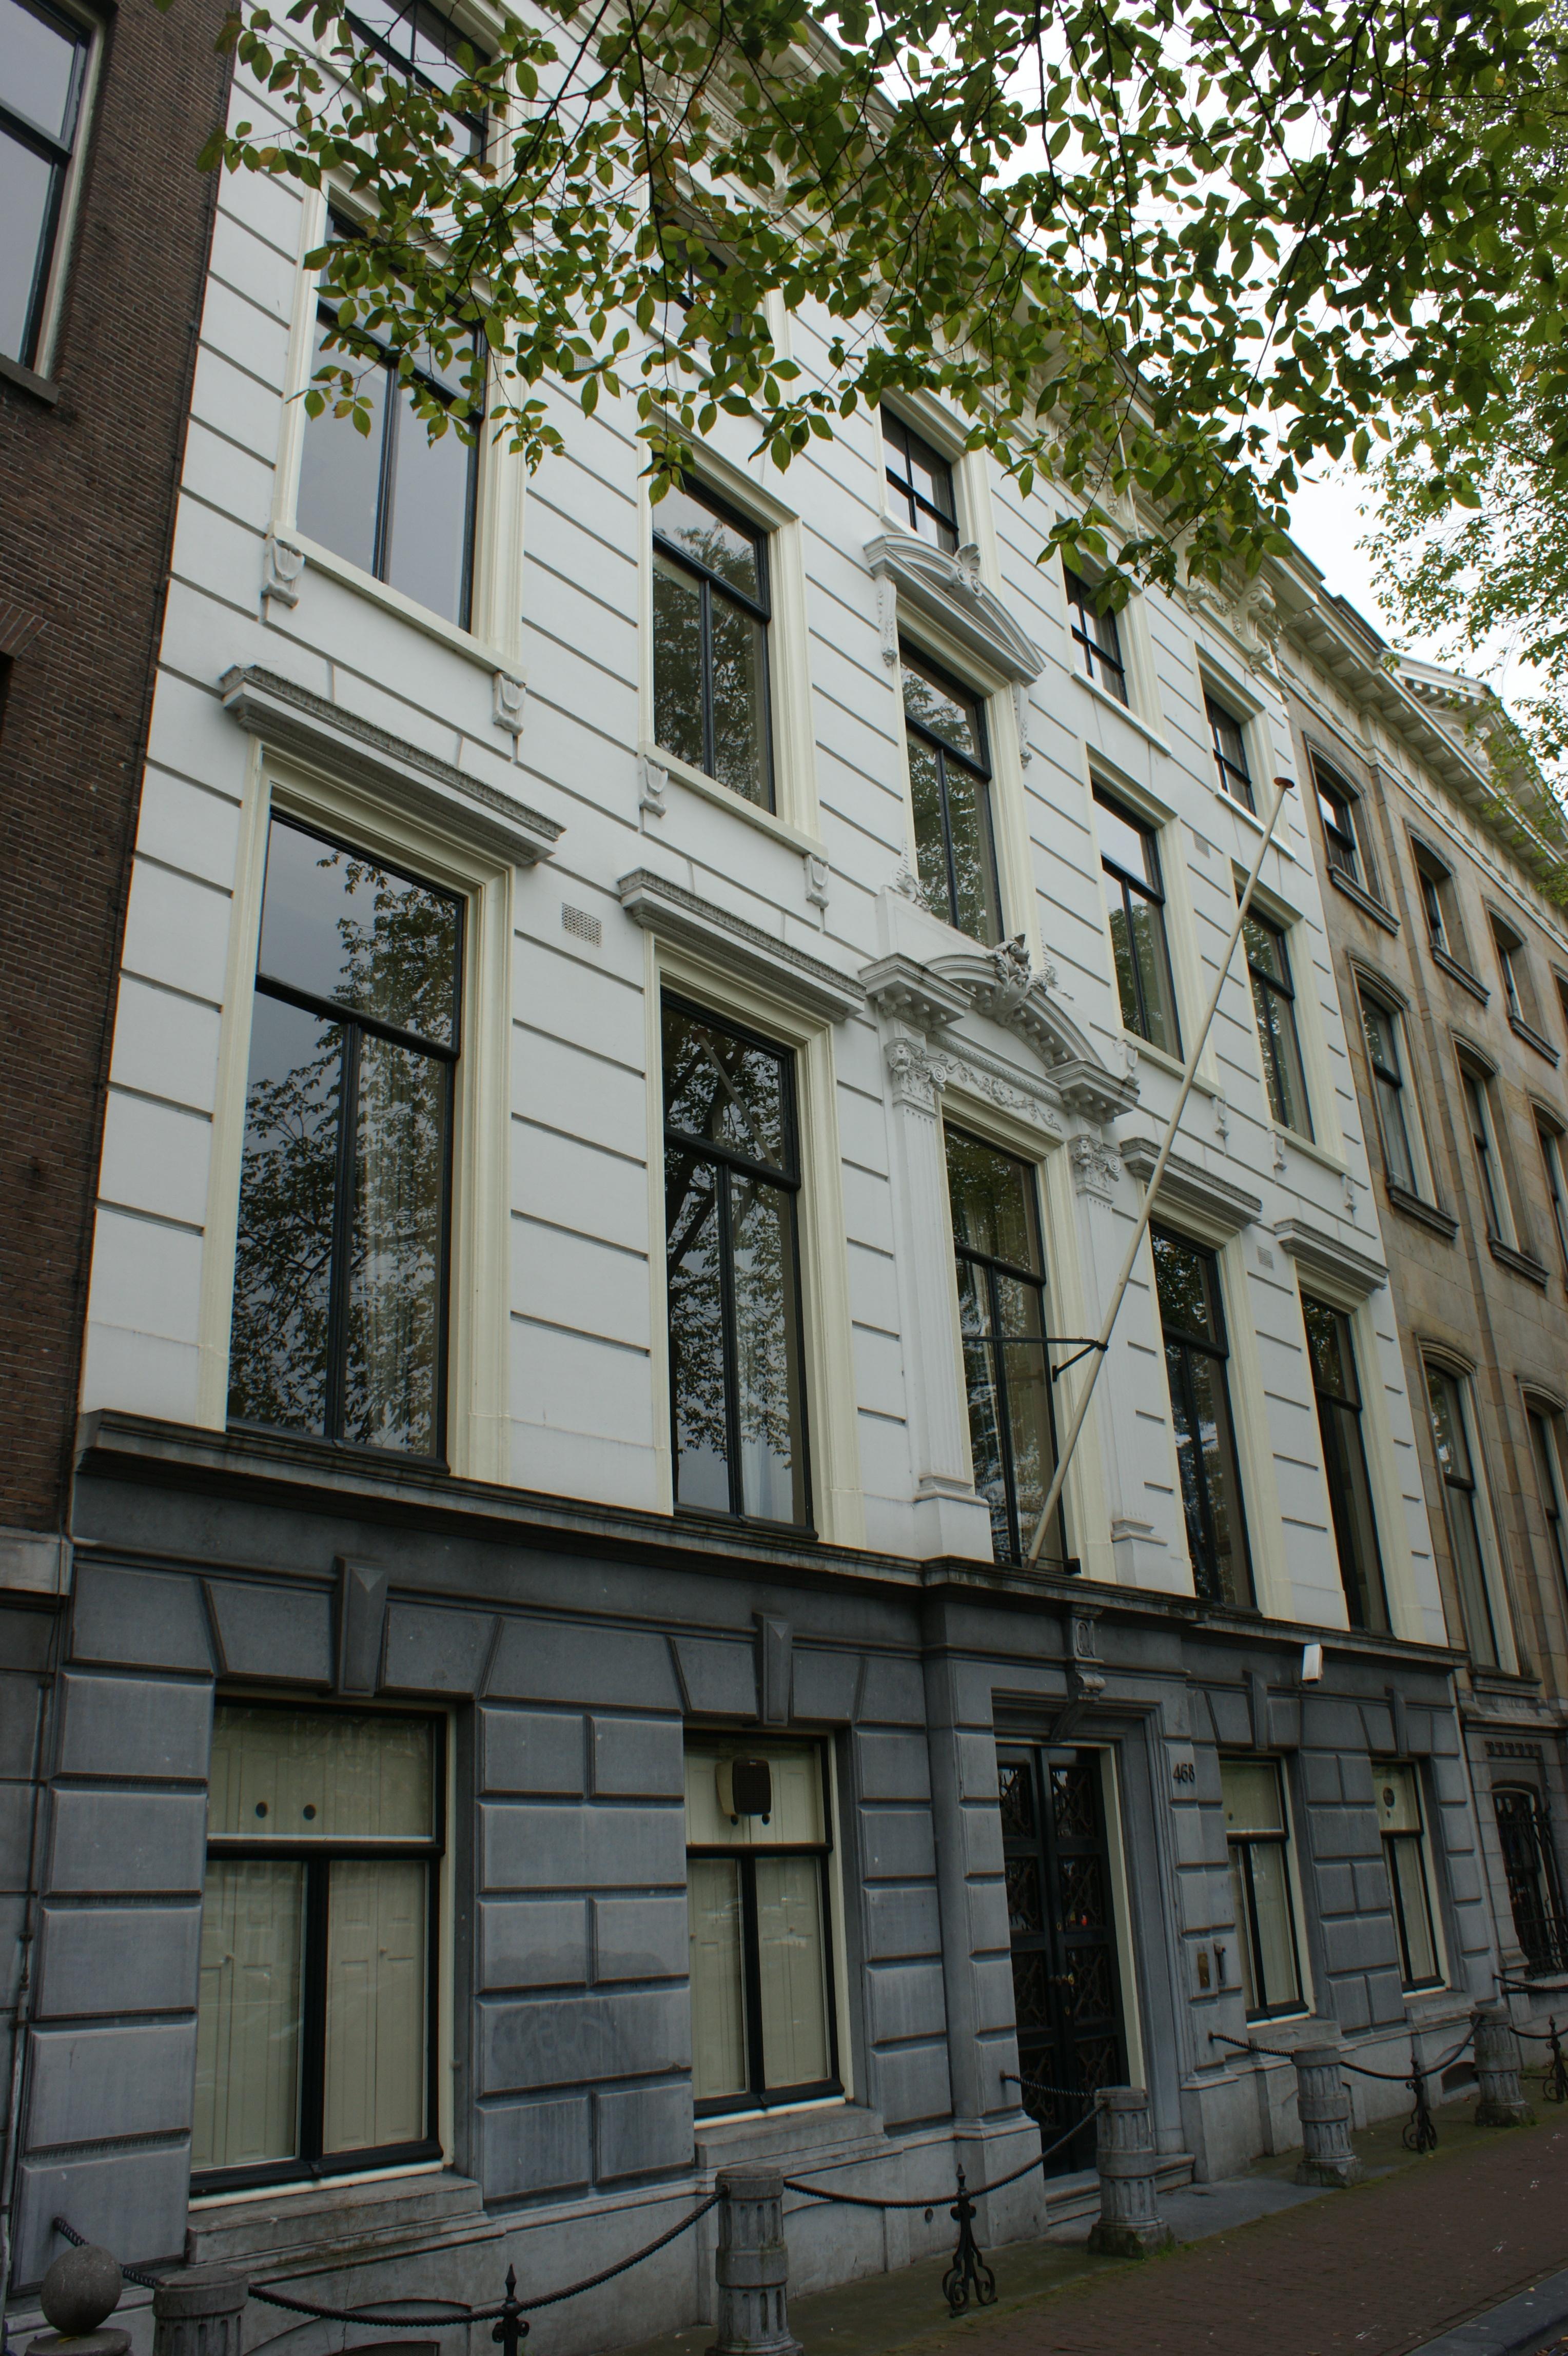 Dubbel huis met gevel met middenrisaliet in amsterdam monument - Provencaalse huis gevel ...